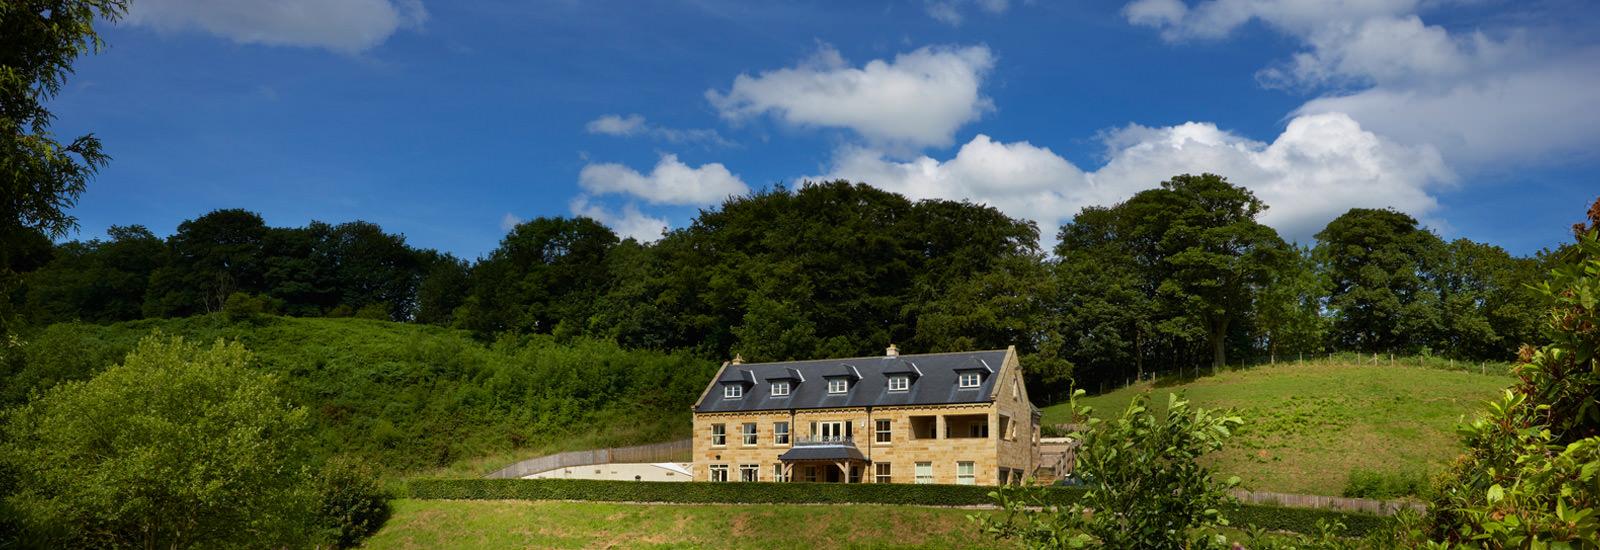 The Lakehouse at Raithwaite Estate